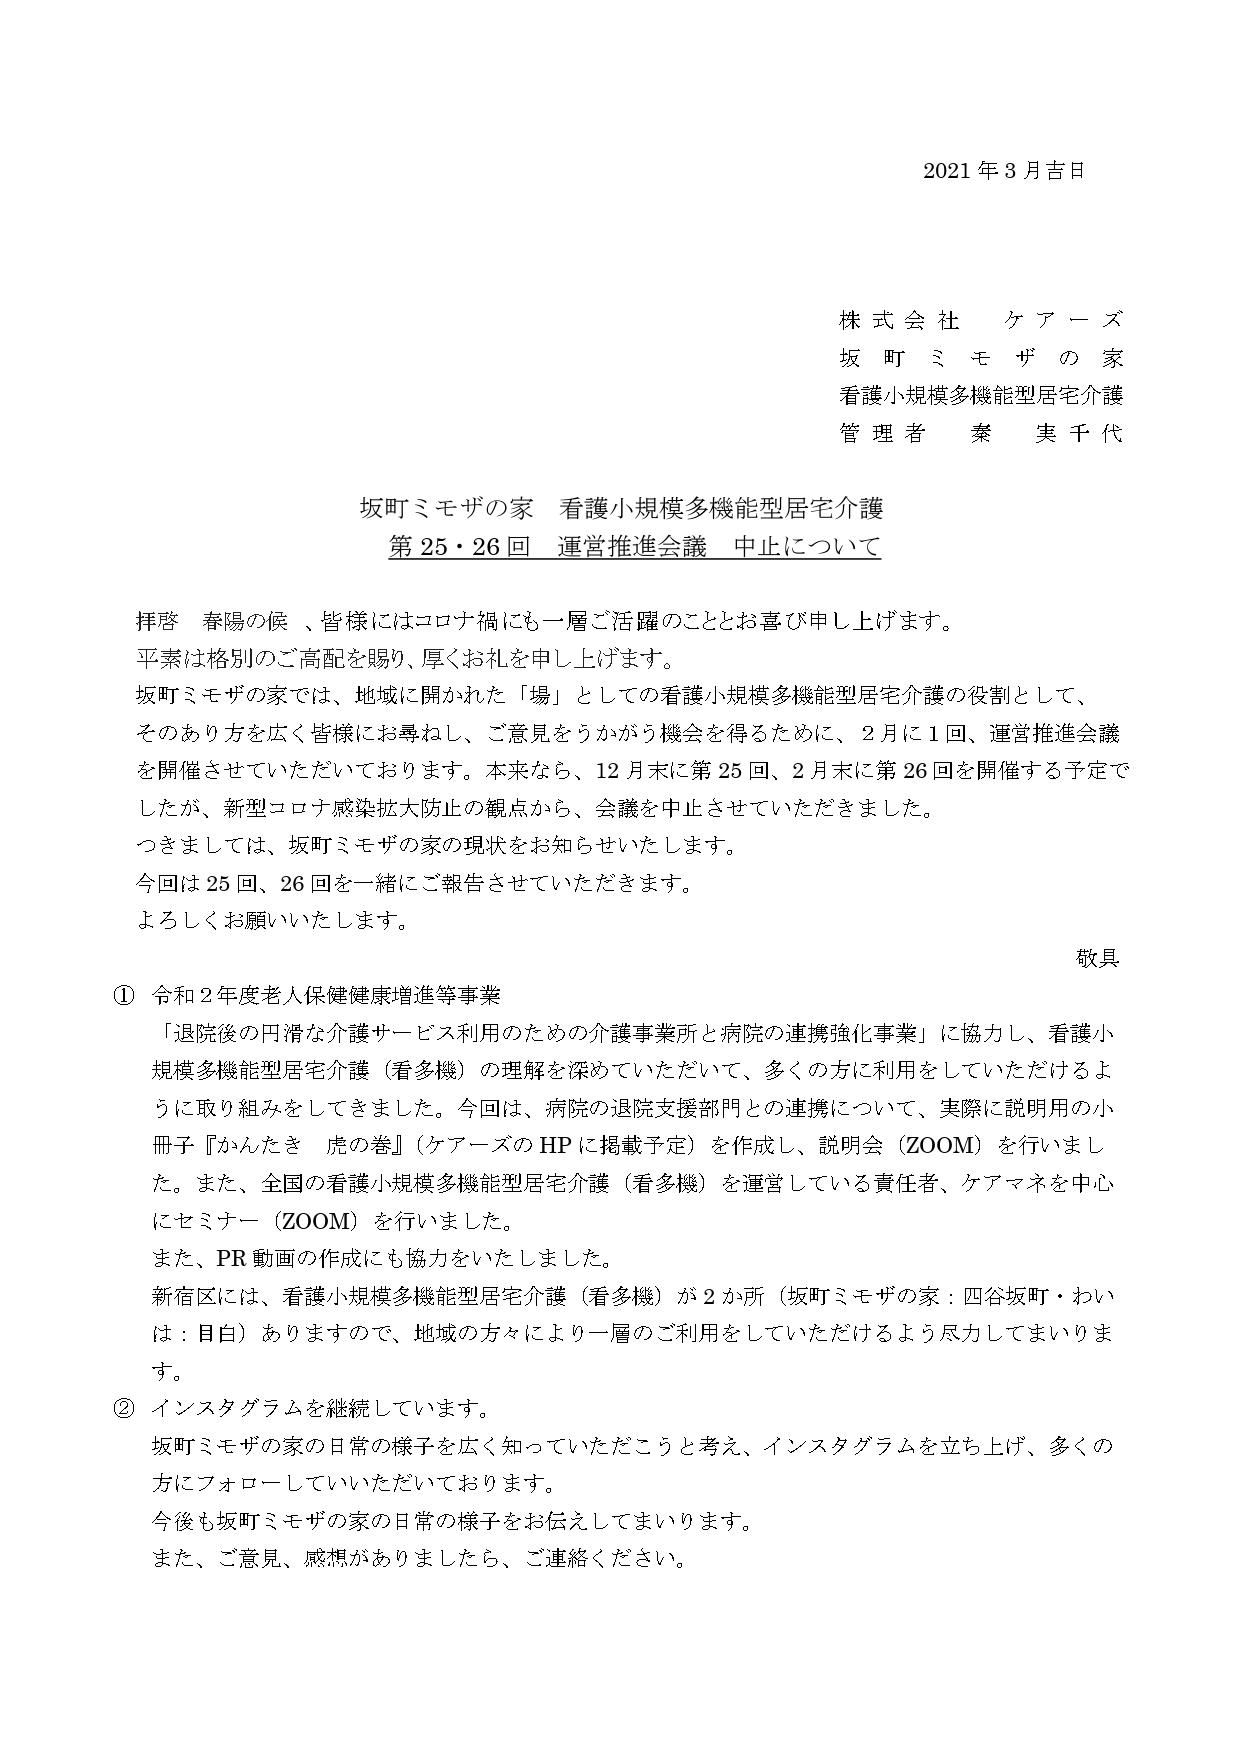 25・26回運営推進会議中止のお知らせ